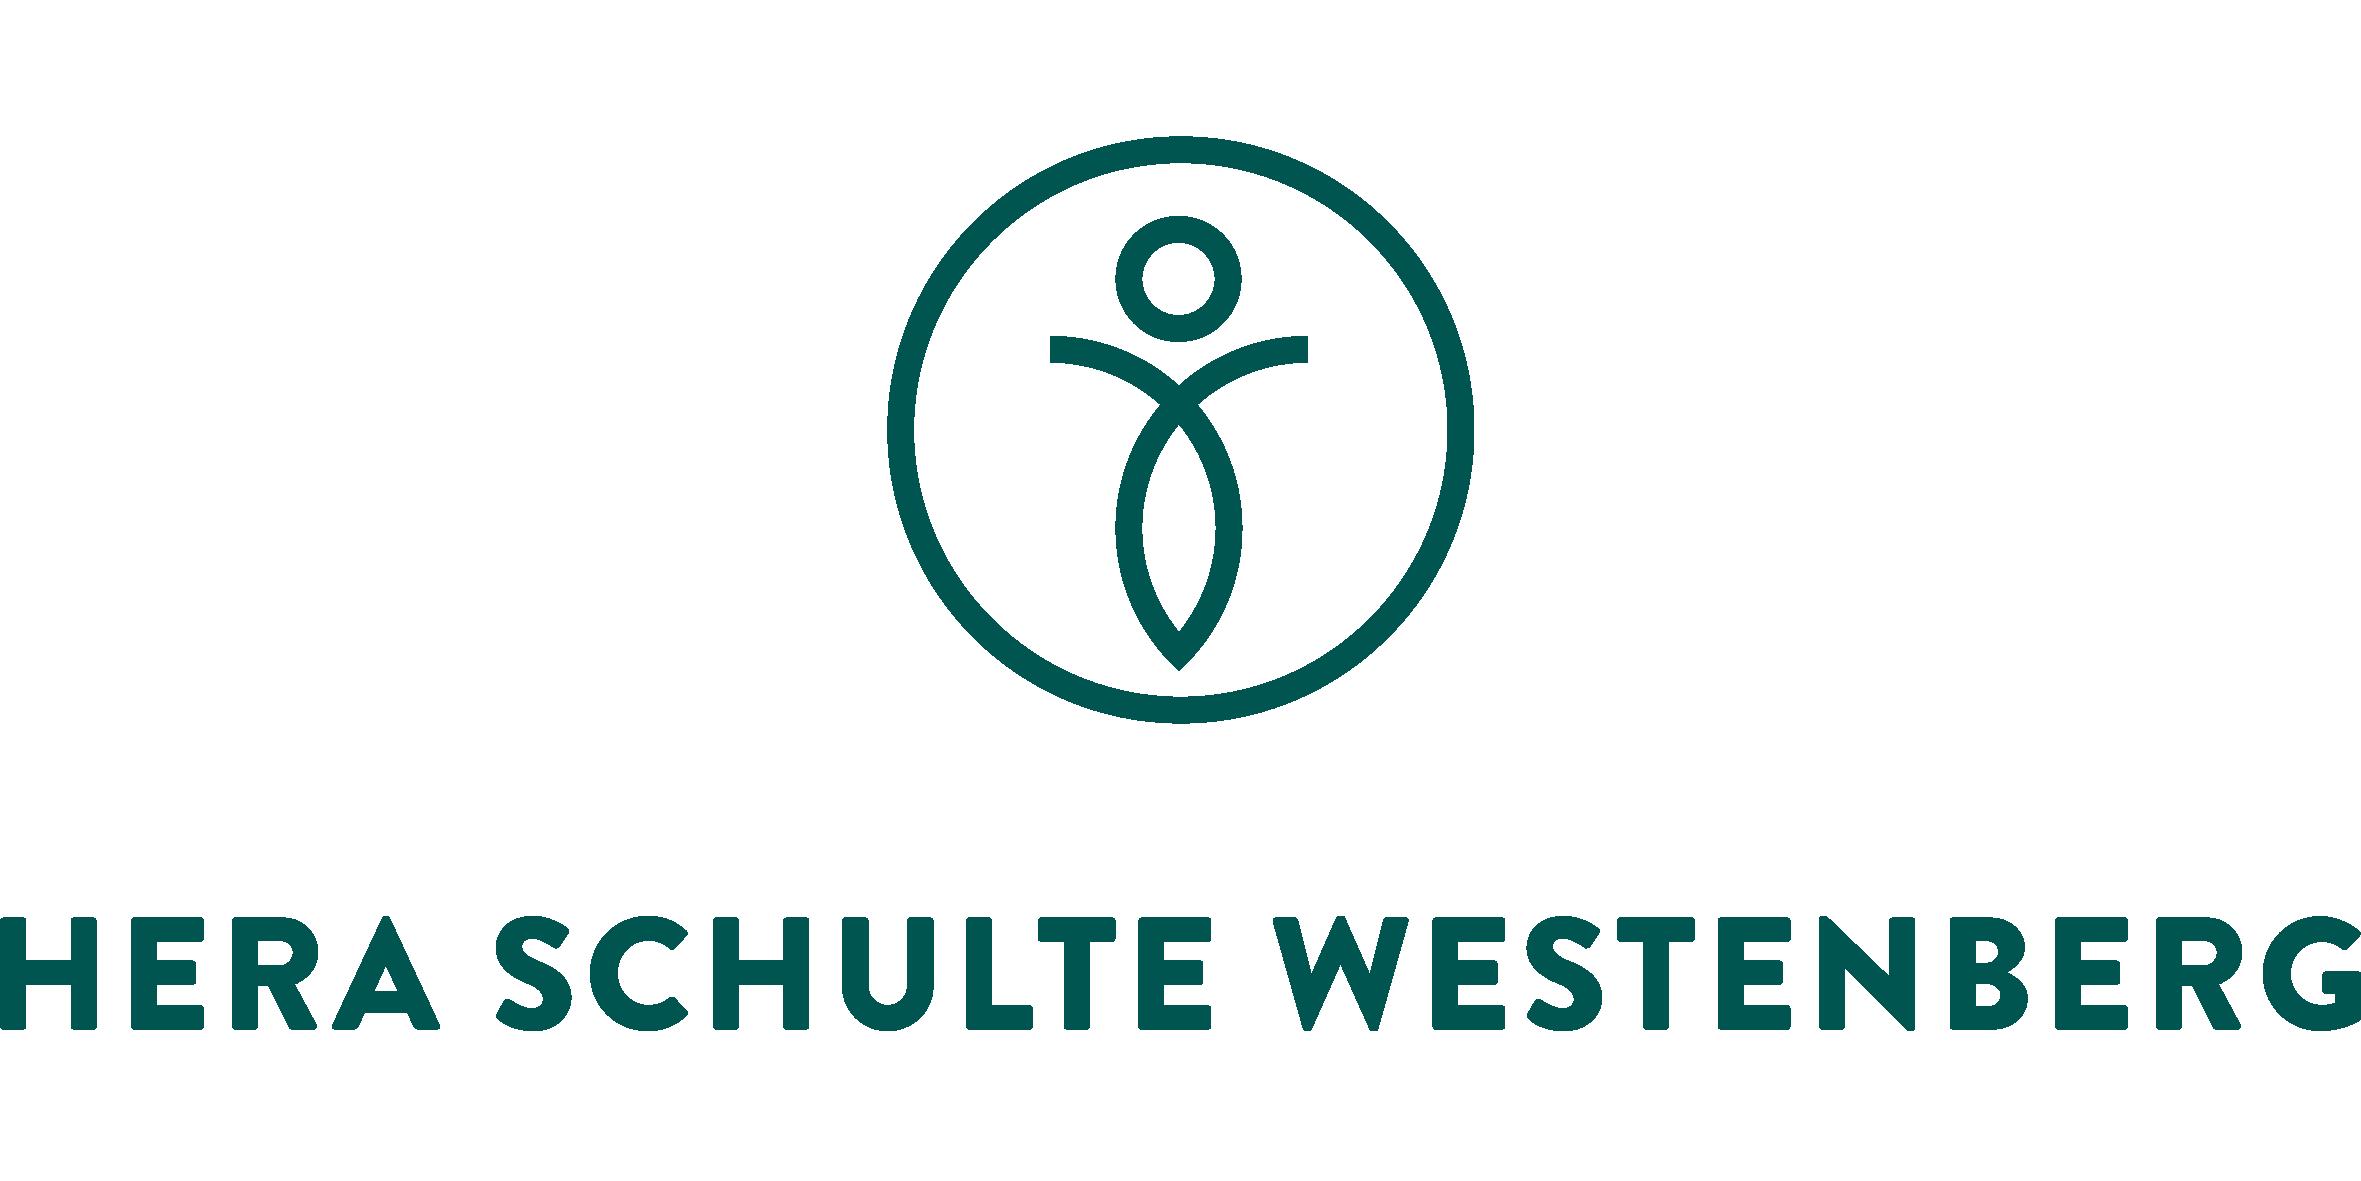 Hera Schulte Westenberg